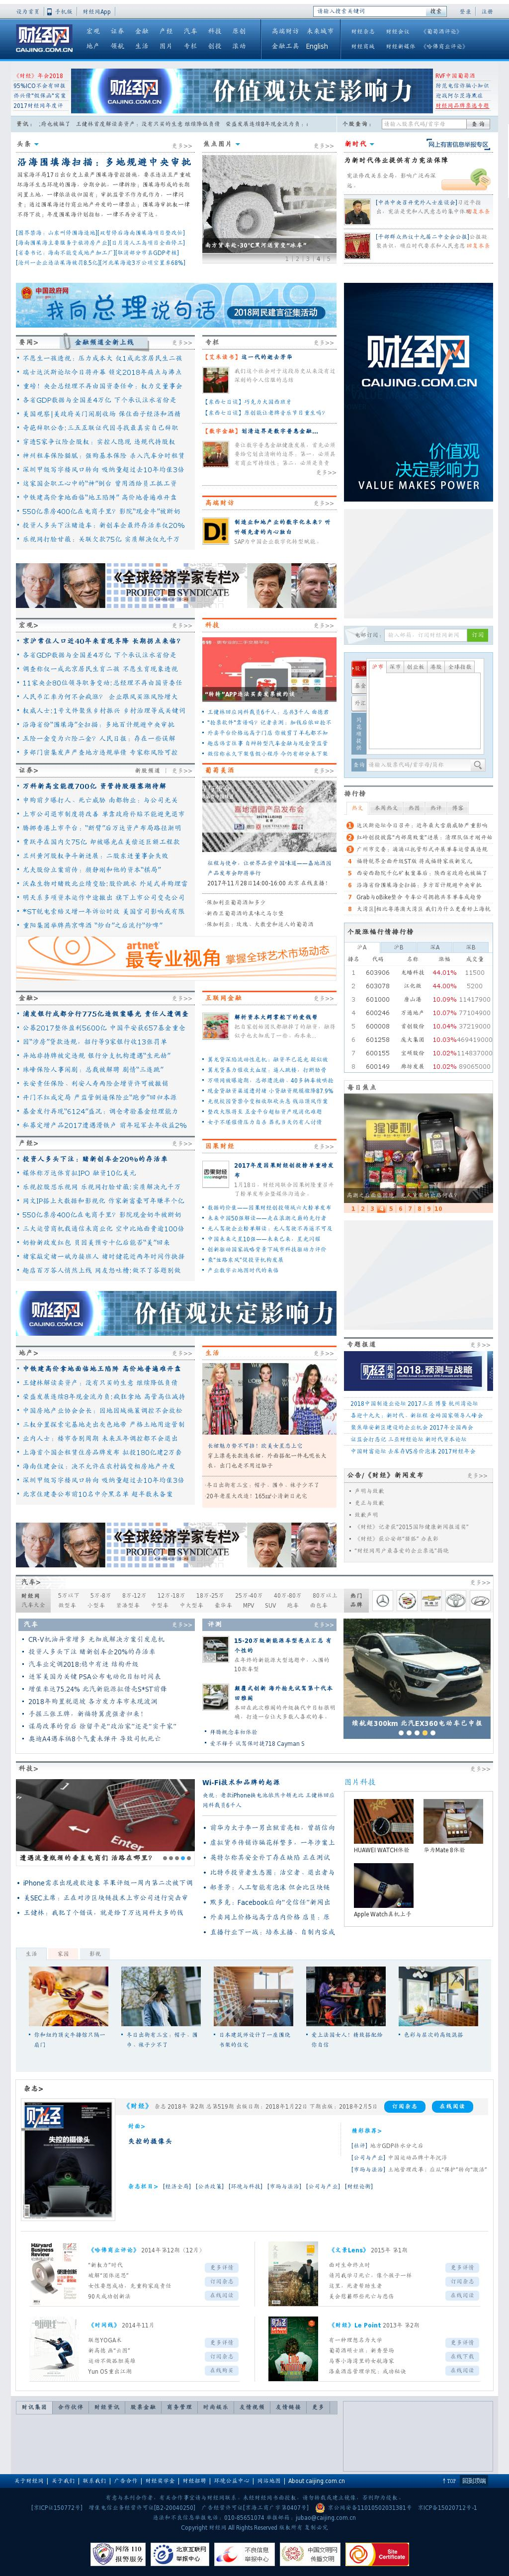 Caijing at Tuesday Jan. 23, 2018, 2 a.m. UTC